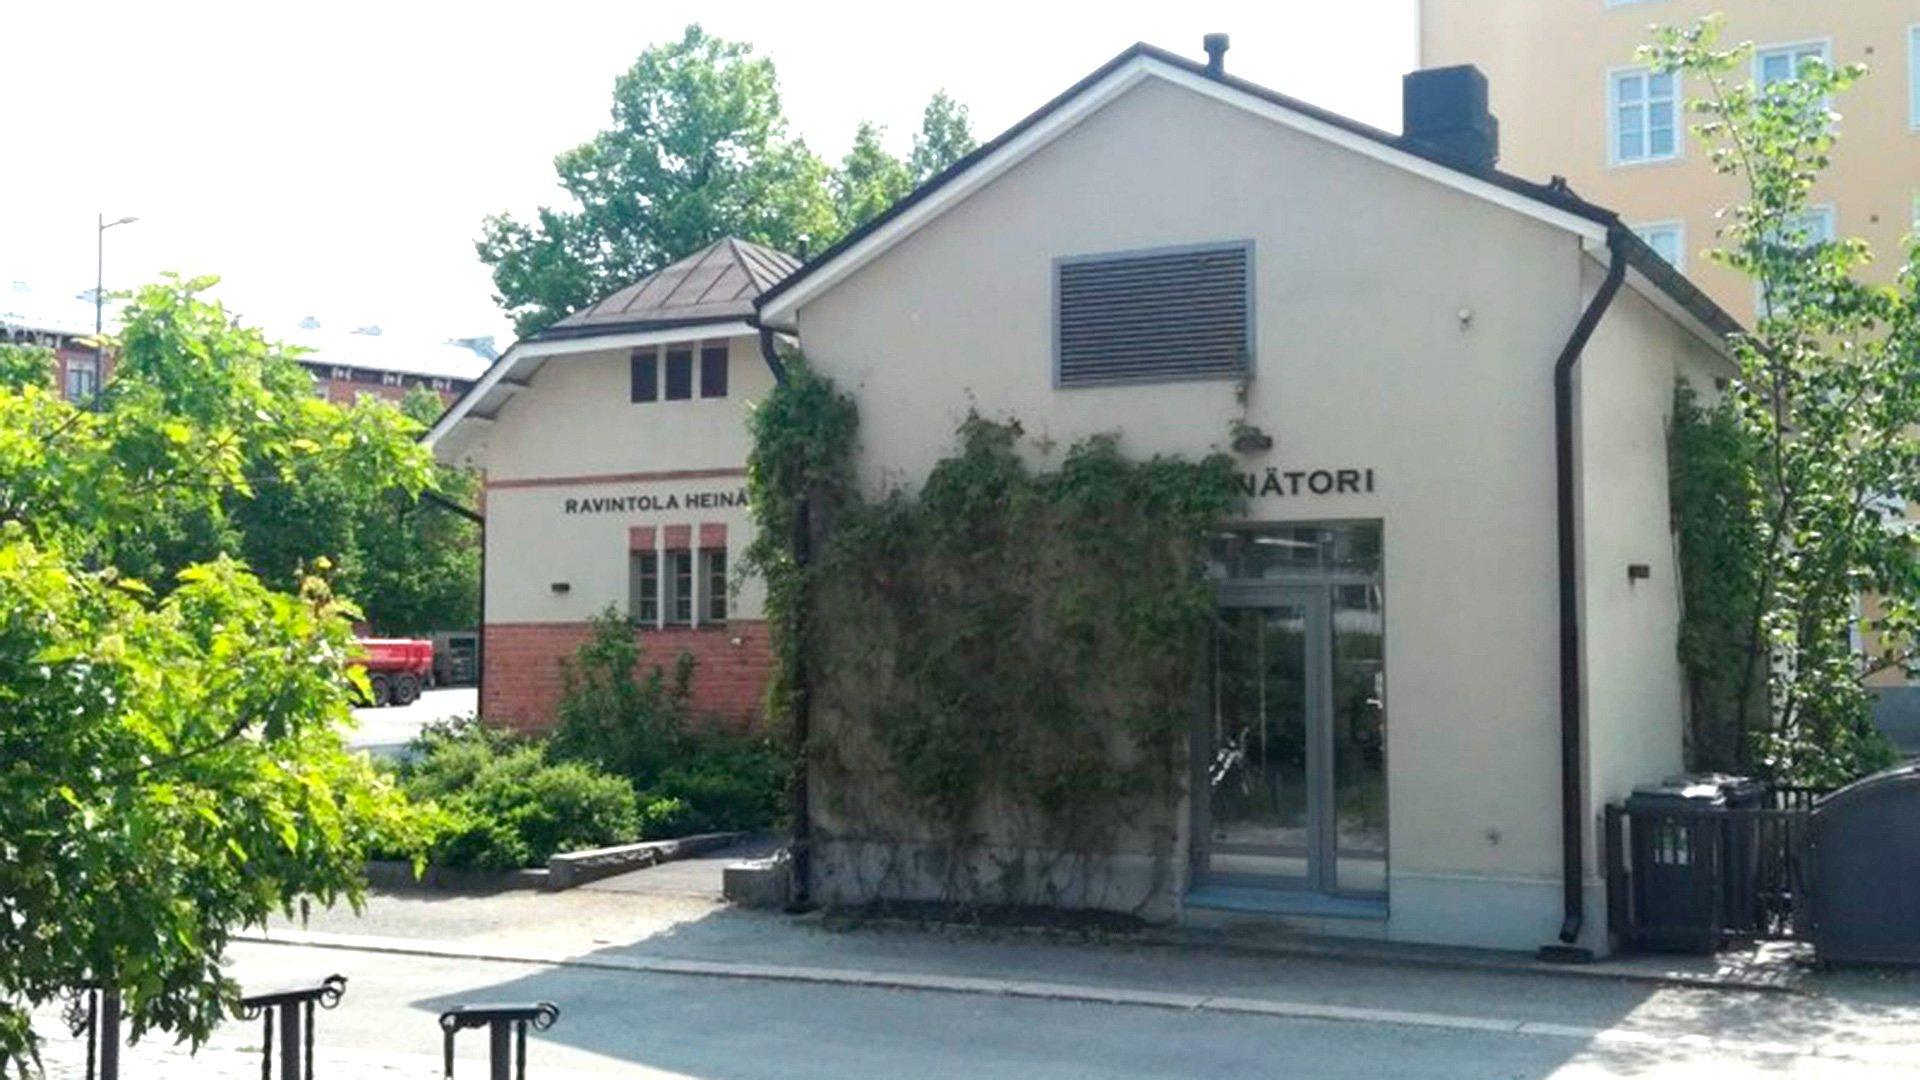 Pyyninkintorin asemakaavamuutos, Tampere